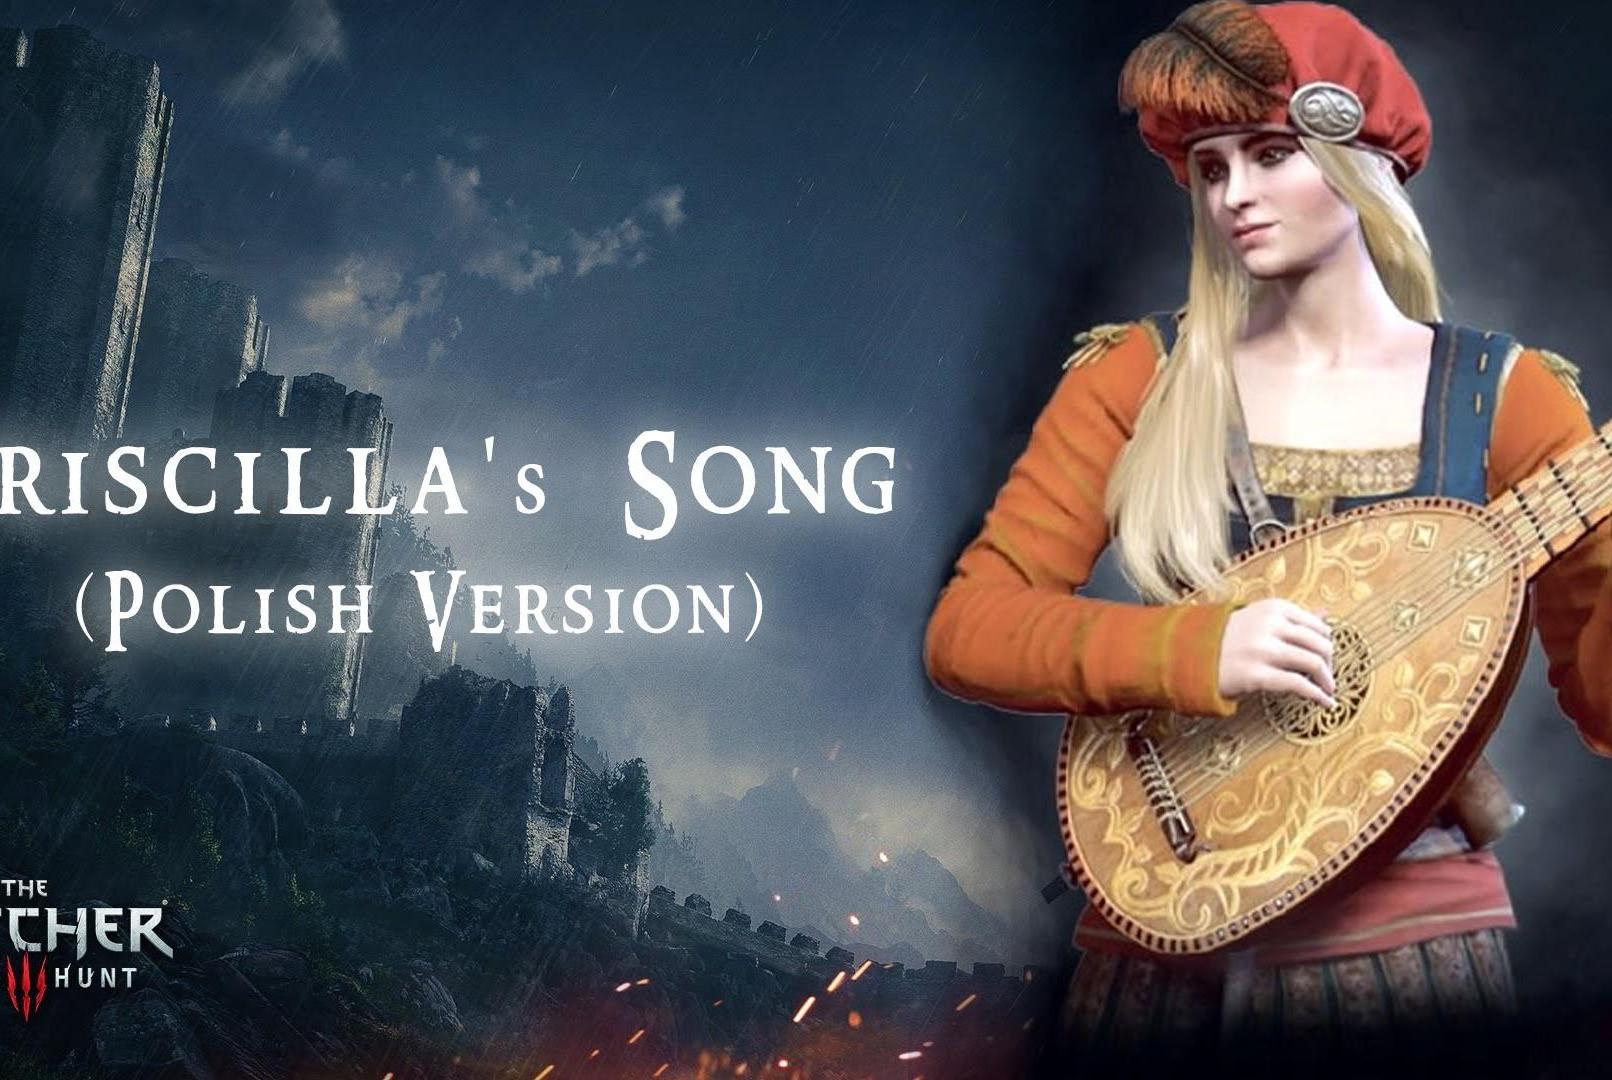 《巫师3》原声音乐被指侵权 还好不是普西拉的歌